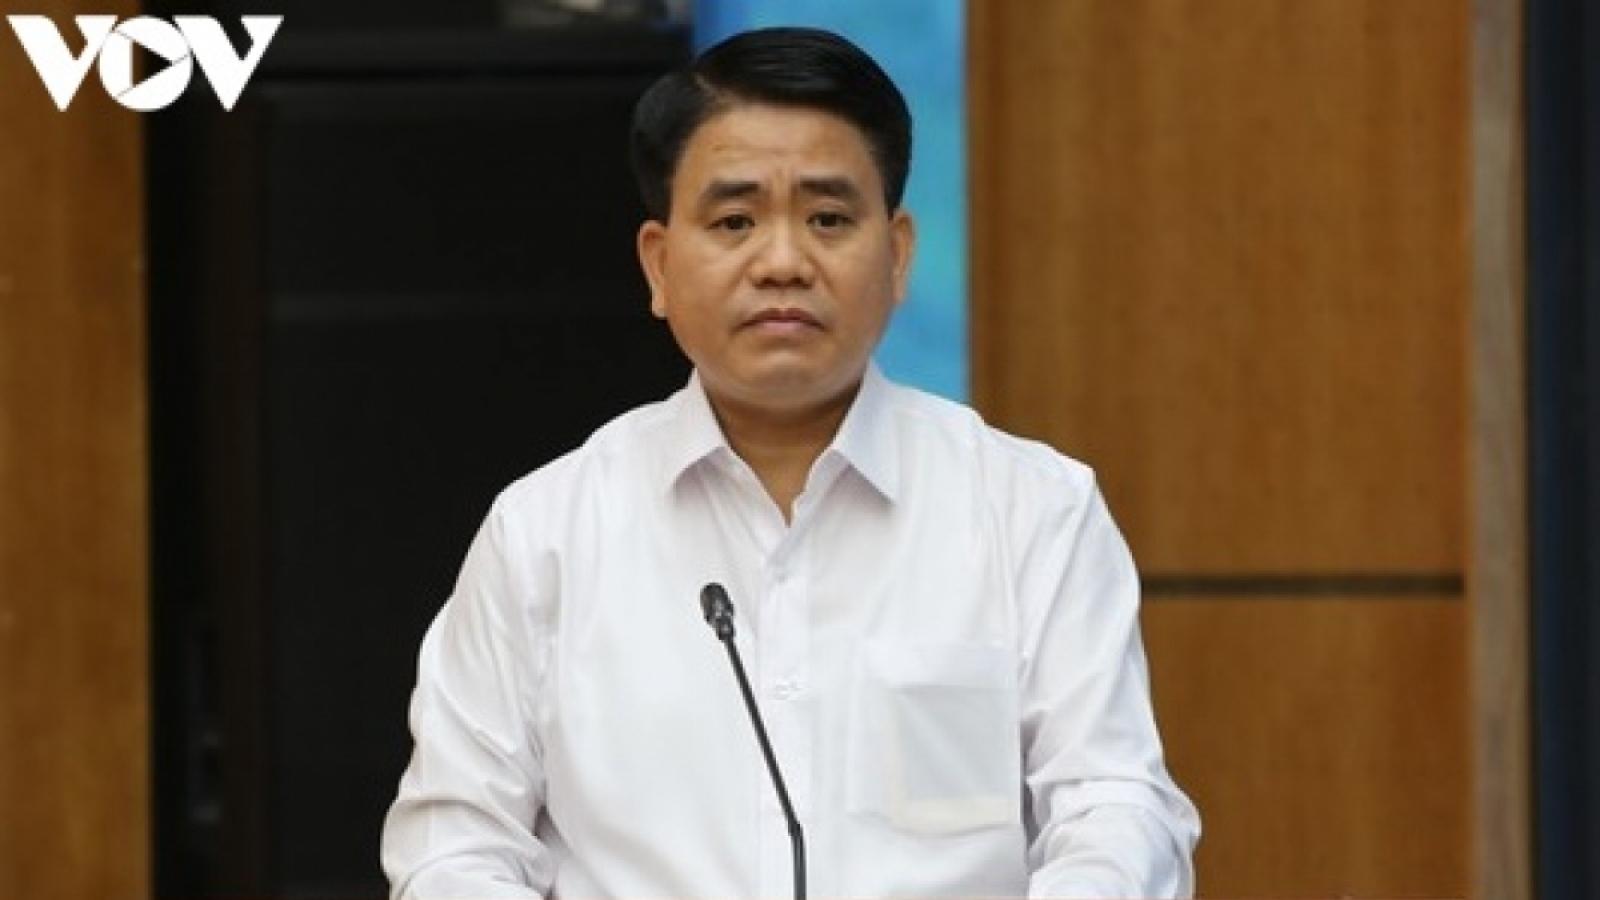 Truy tố ông Nguyễn Đức Chung về tội chiếm đoạt tài liệu mật